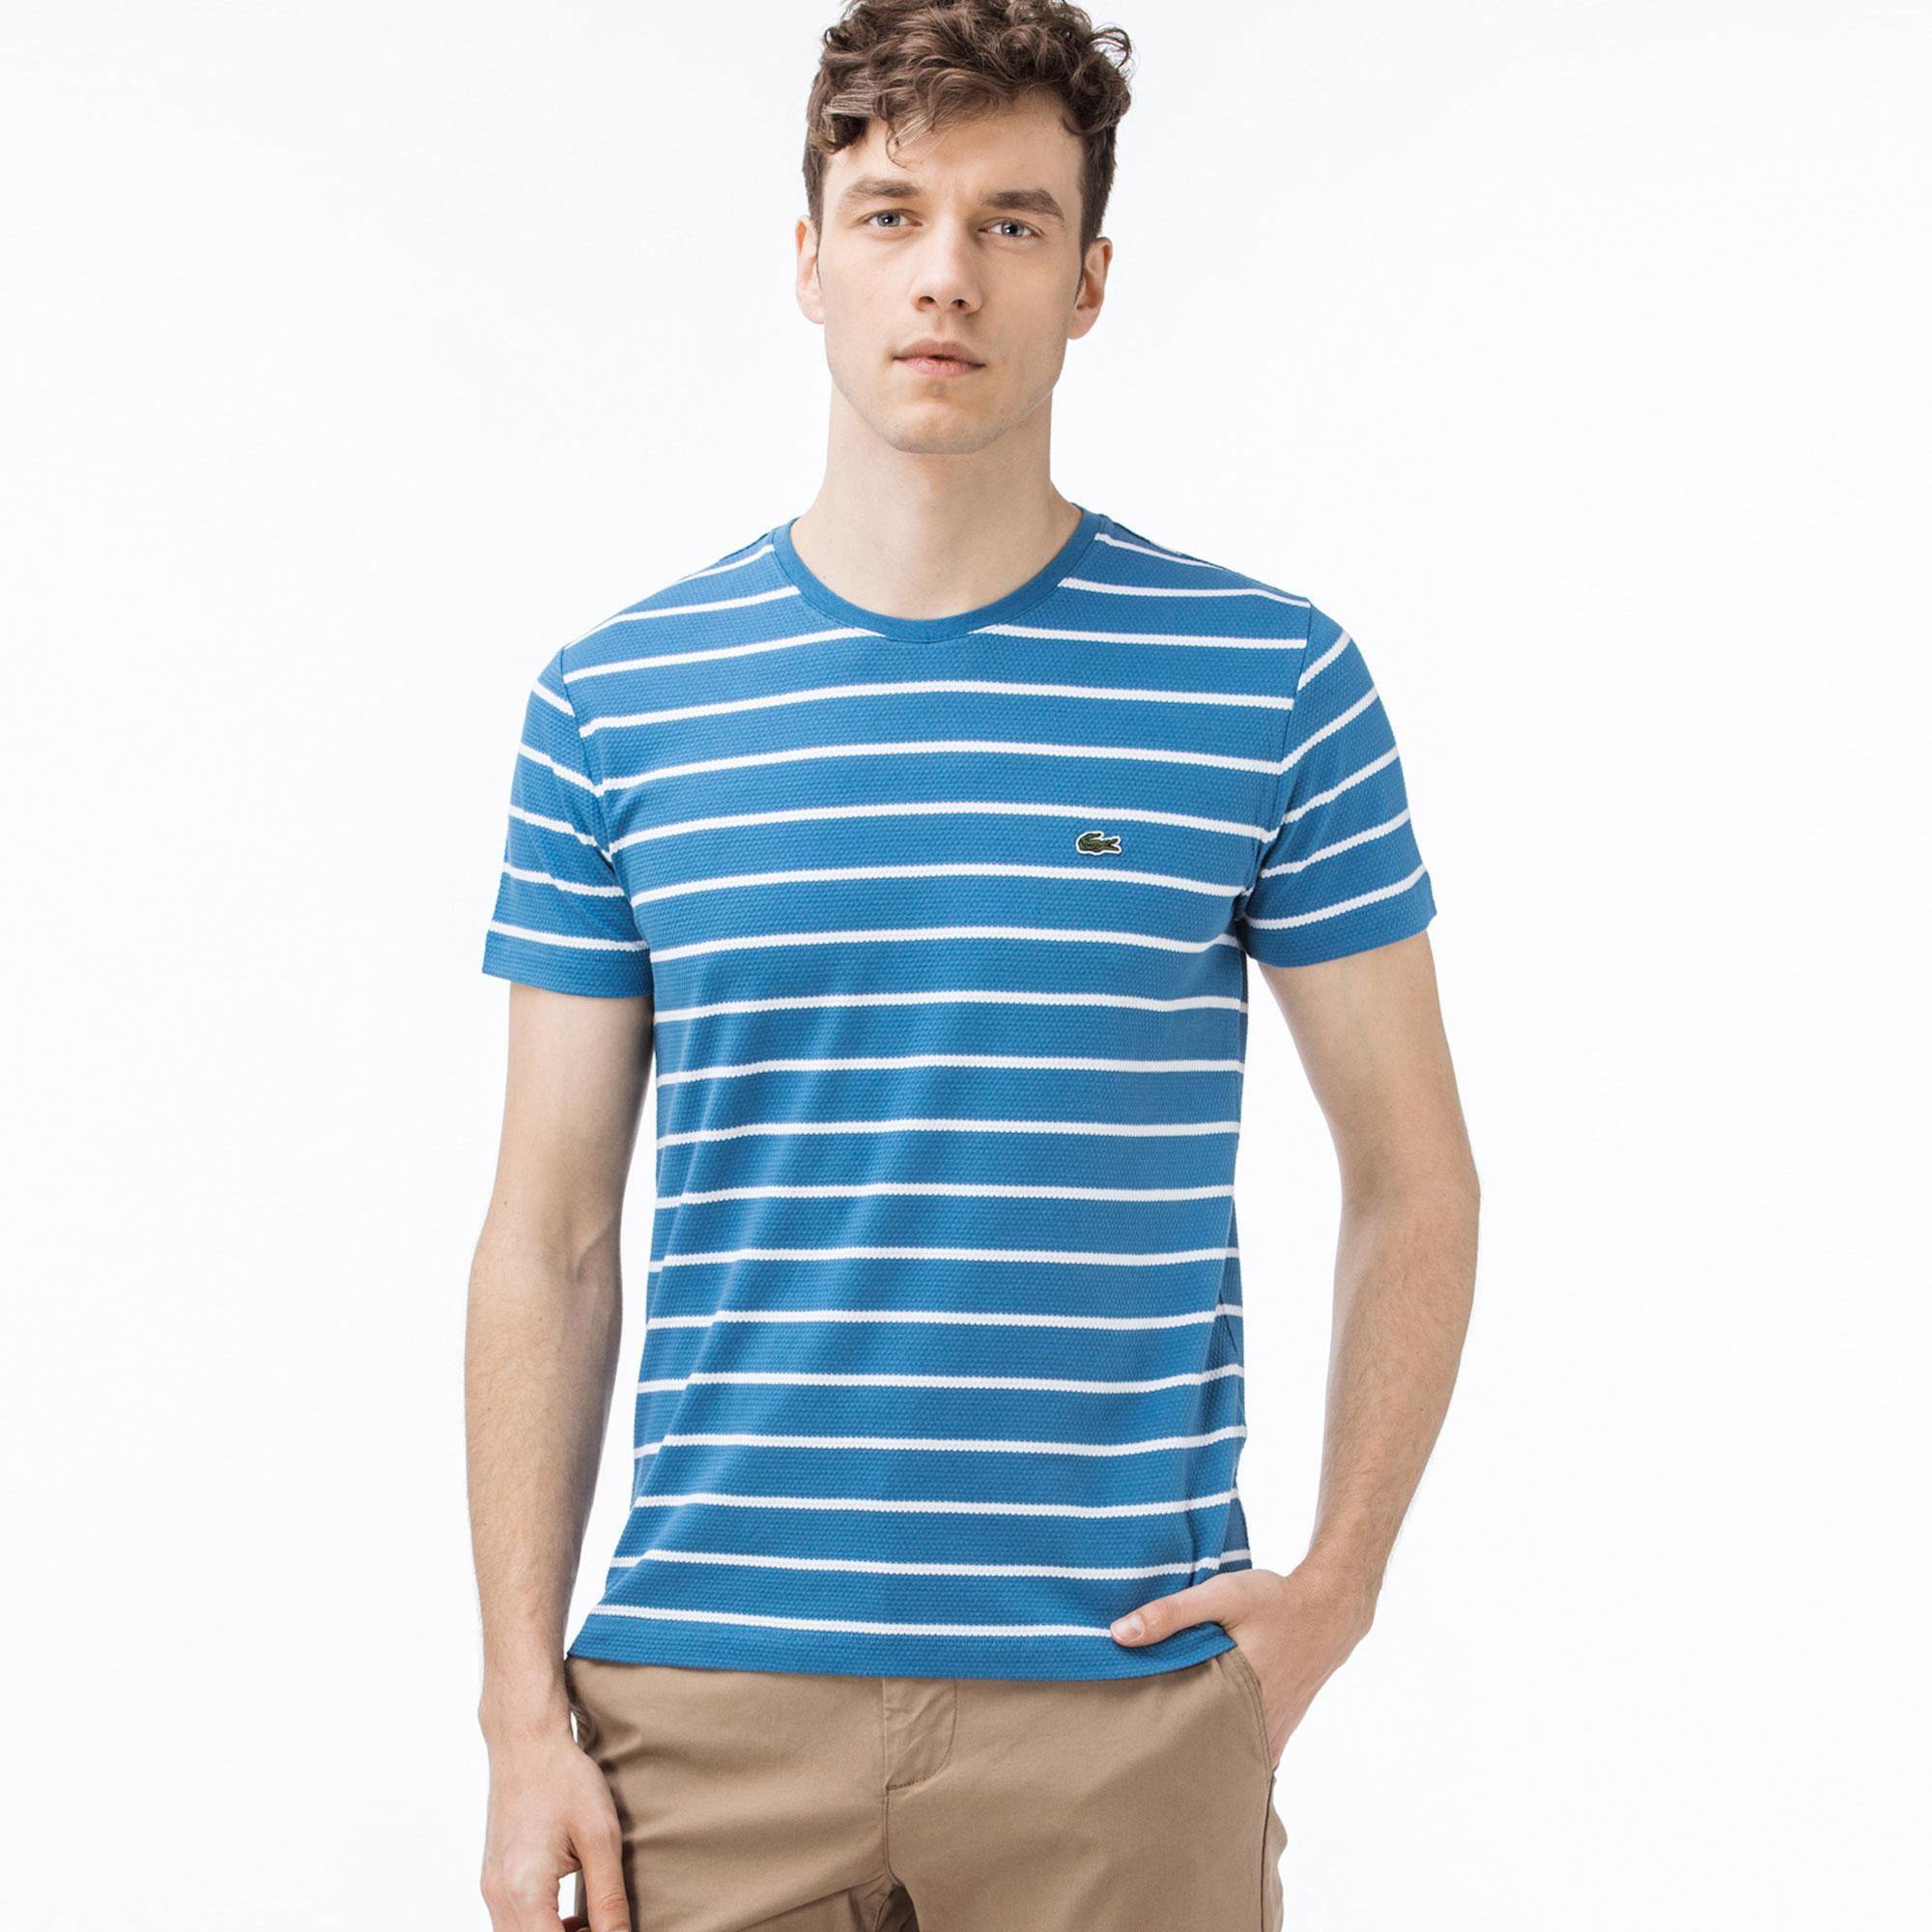 Lacoste Erkek Slim Fit Desenli Mavi T-Shirt